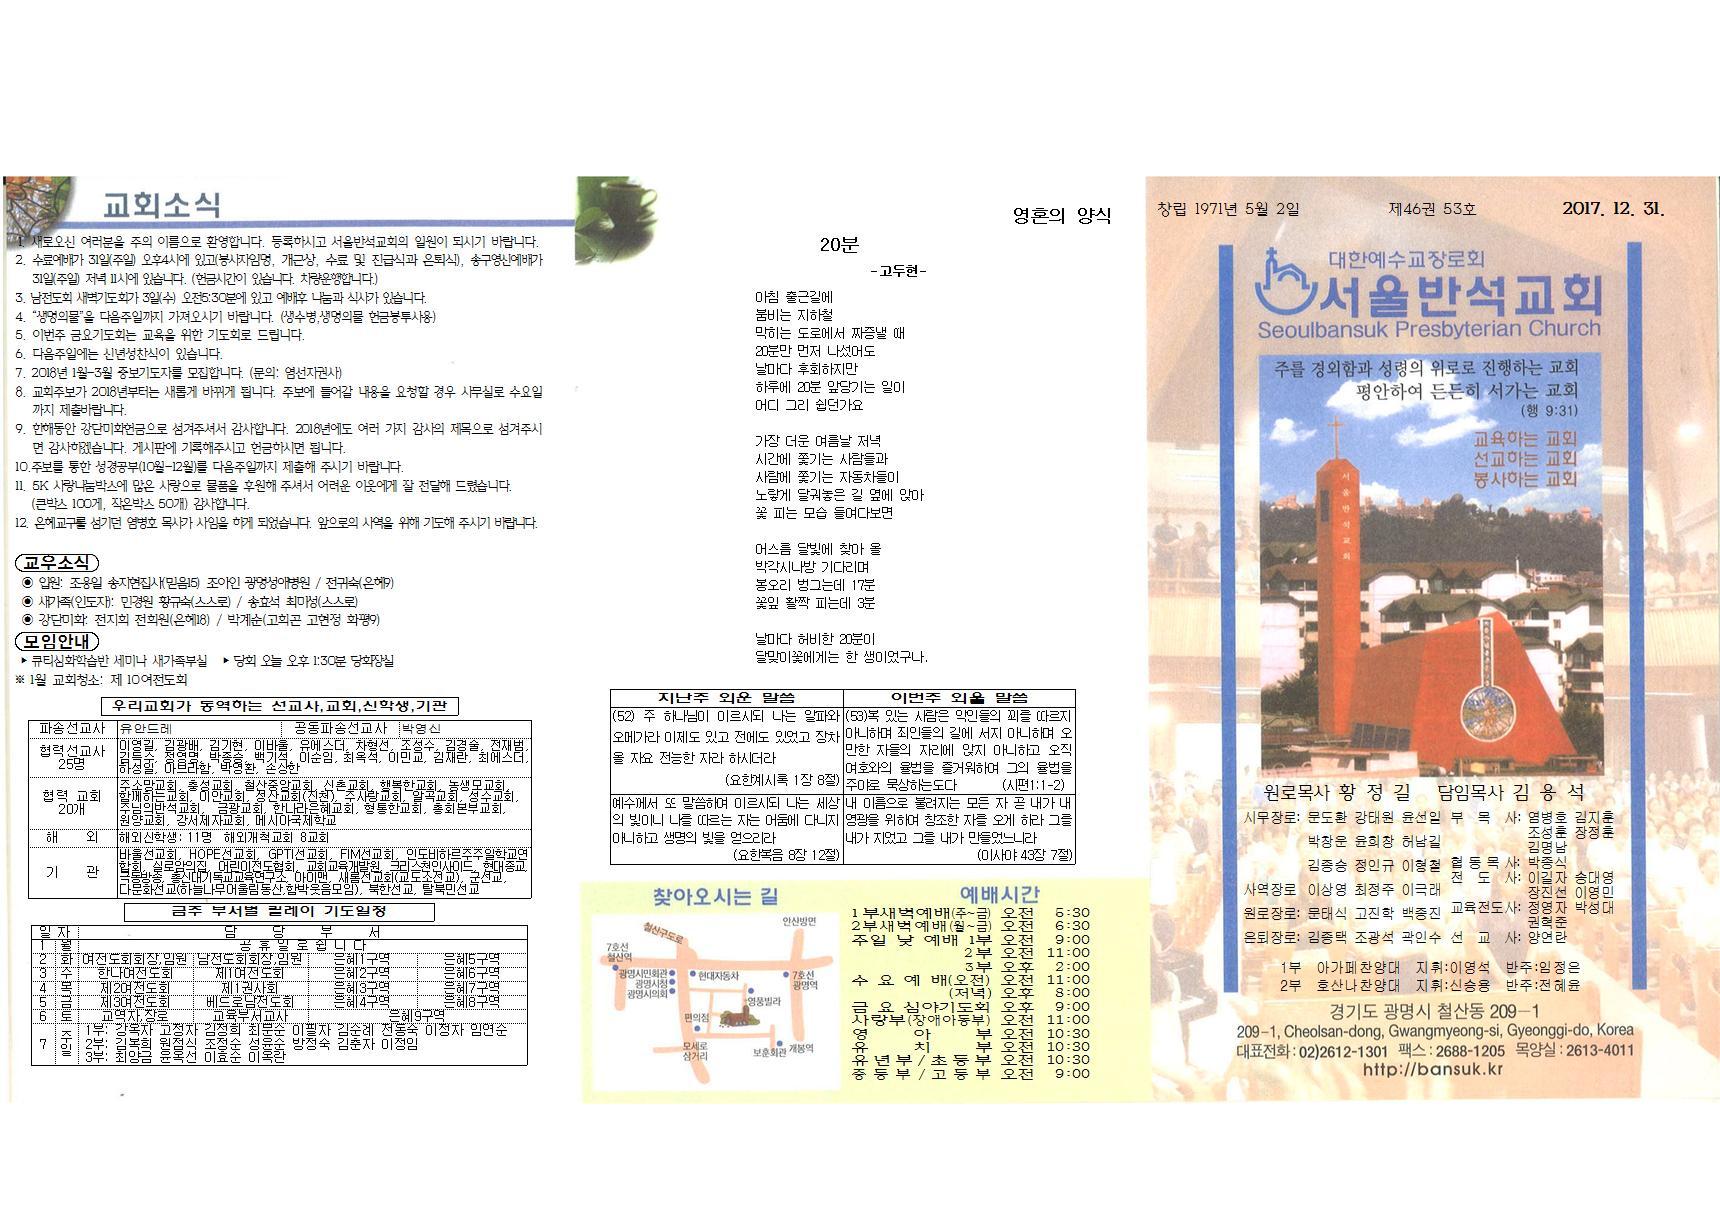 주보 제46권 53호(2017.12.31)